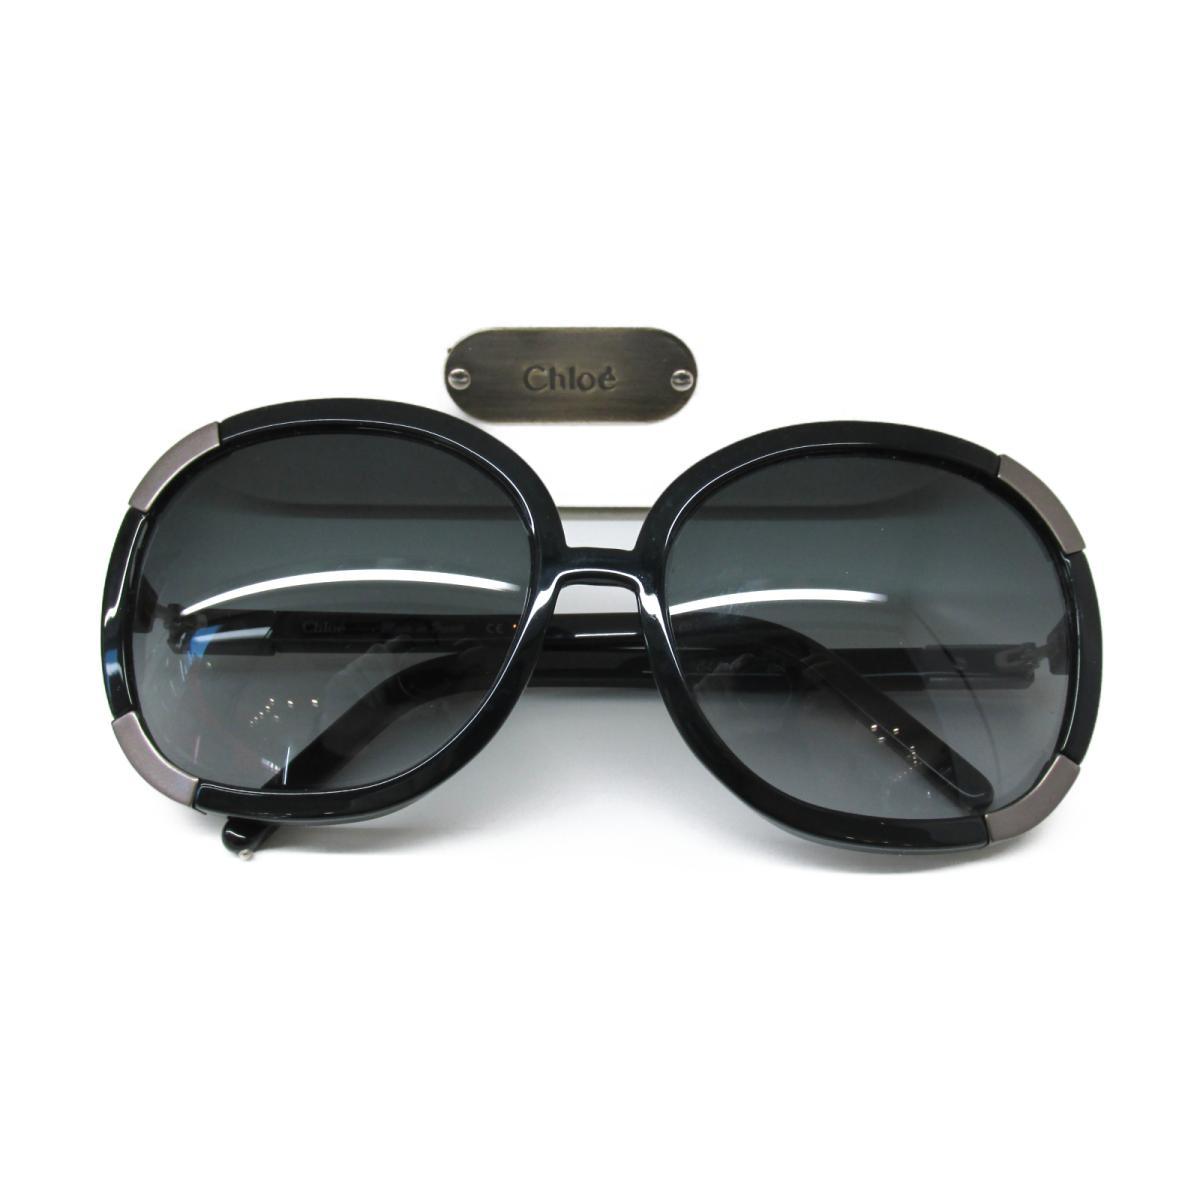 【中古】 クロエ サングラス メンズ レディース プラスチック ブラック × シルバー (135) | Chloe サングラス サングラス 美品 ブランドオフ BRANDOFF